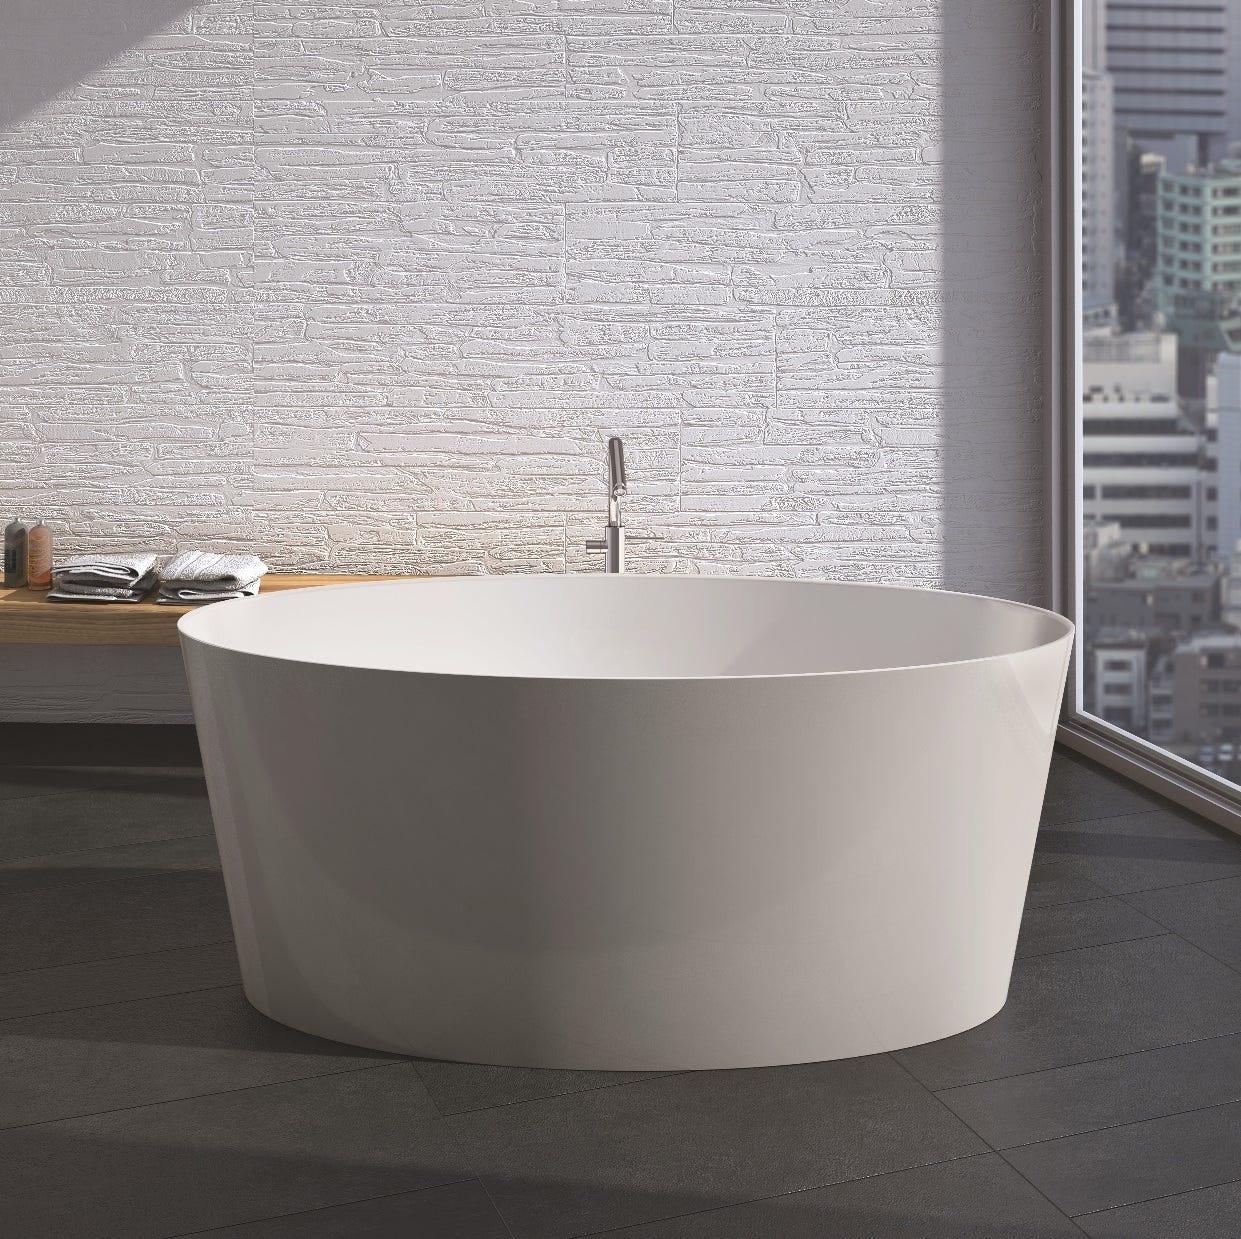 Vasca da bagno per centro stanza in marmo ricomposto stile moderno modello veron ebay - Vasca per bagno ...